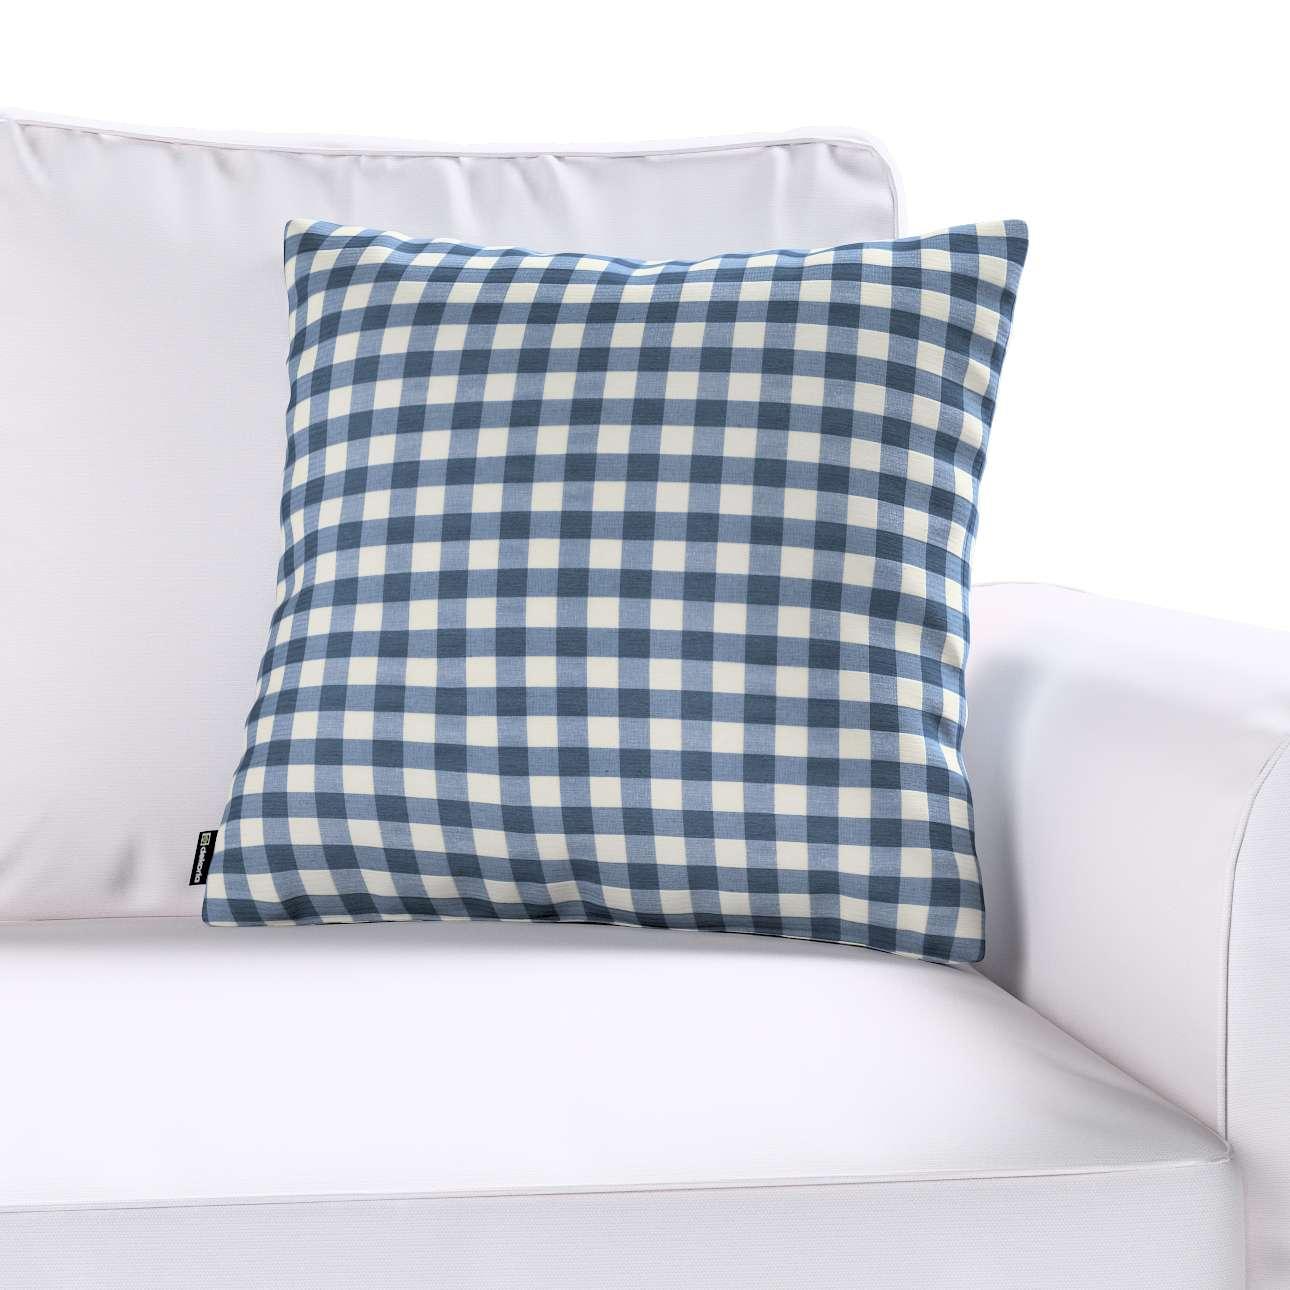 Poszewka Kinga na poduszkę w kolekcji Quadro, tkanina: 136-01